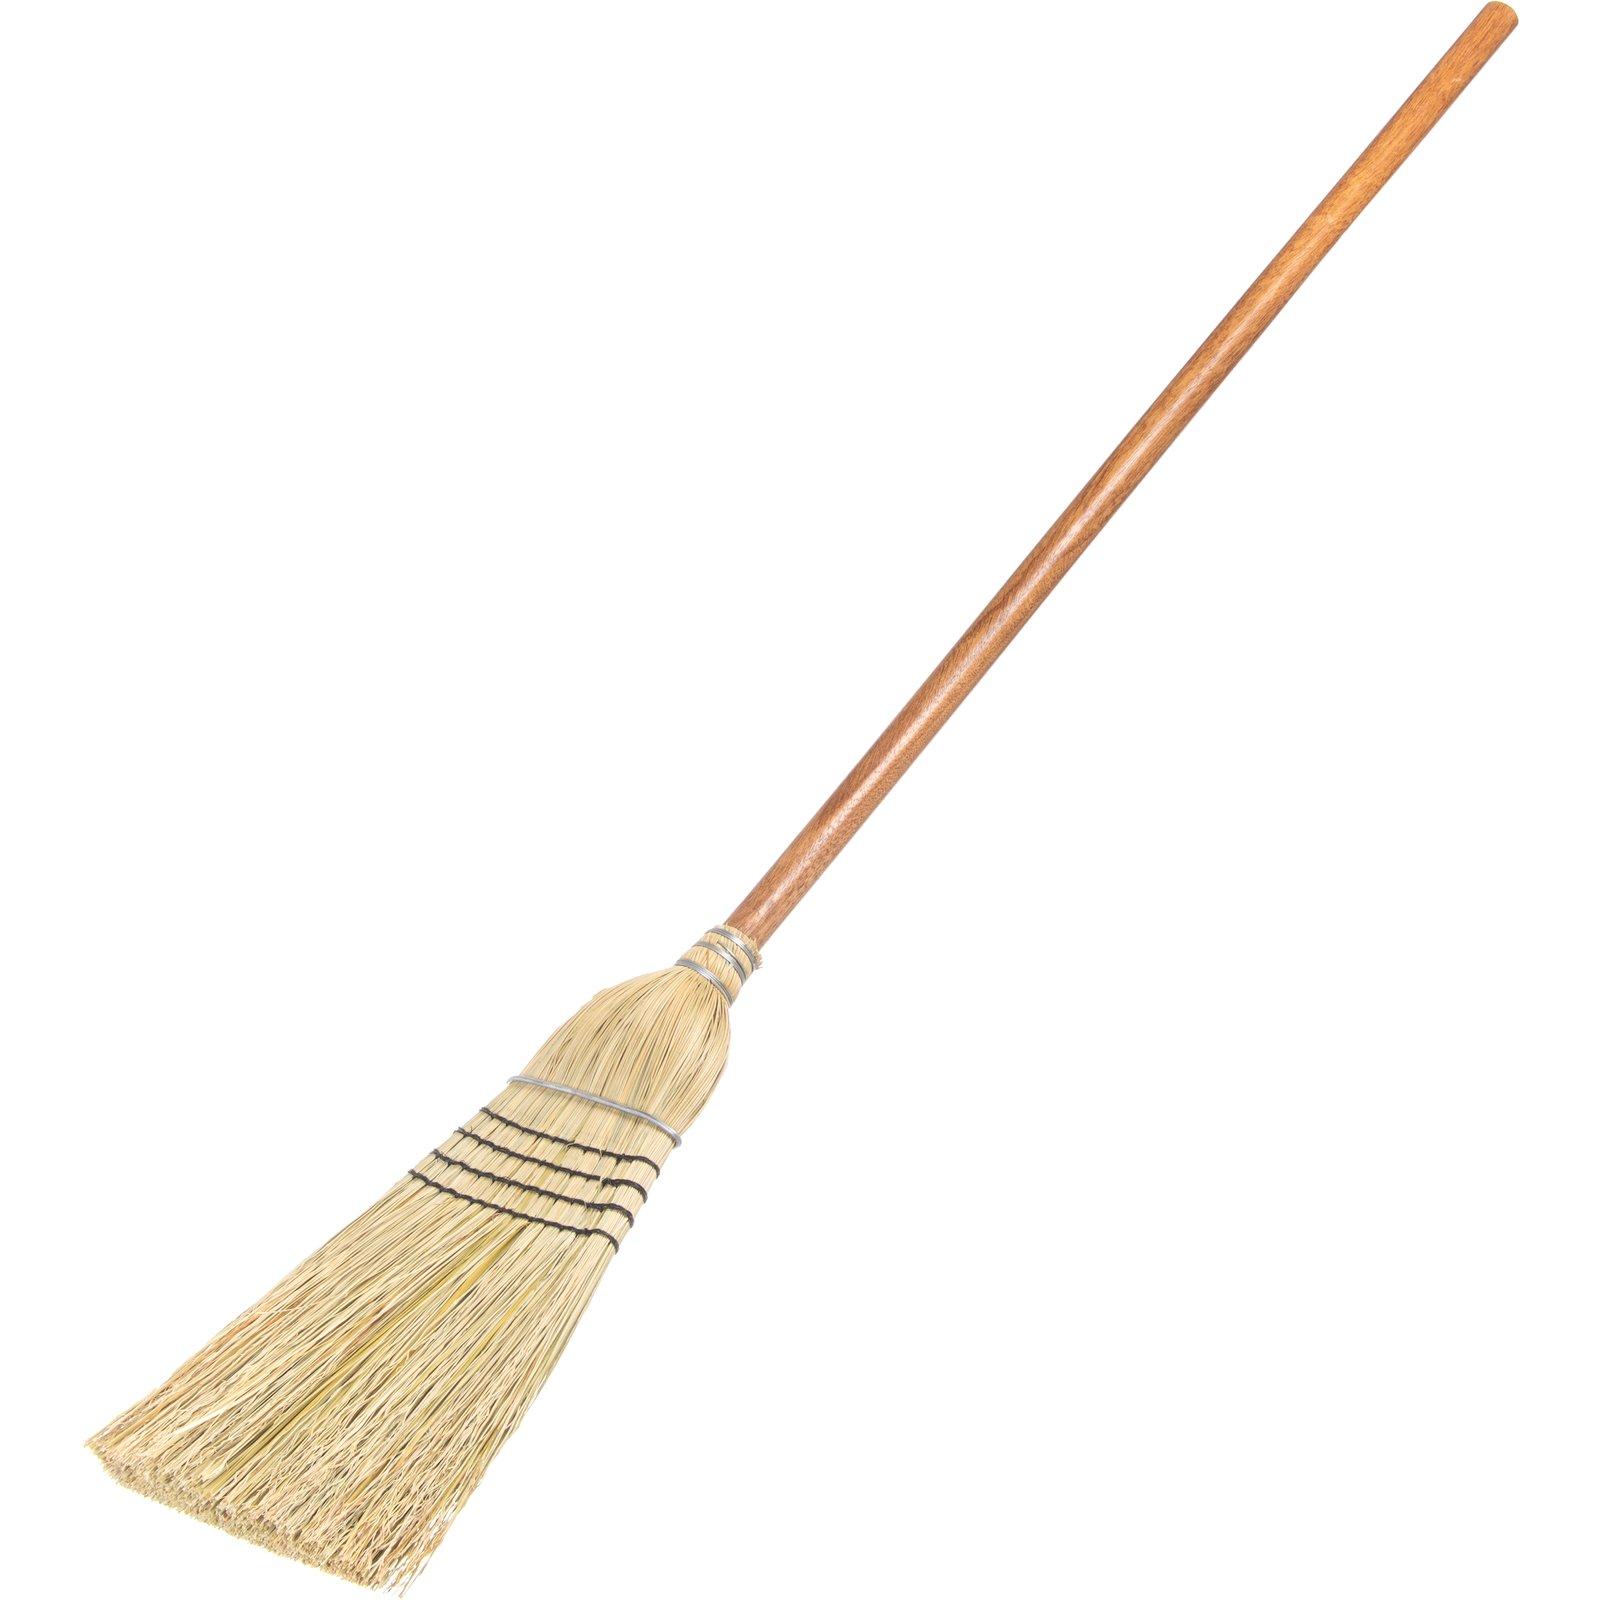 3700-1310 Carlisle H/D Warehouse Corn Broom